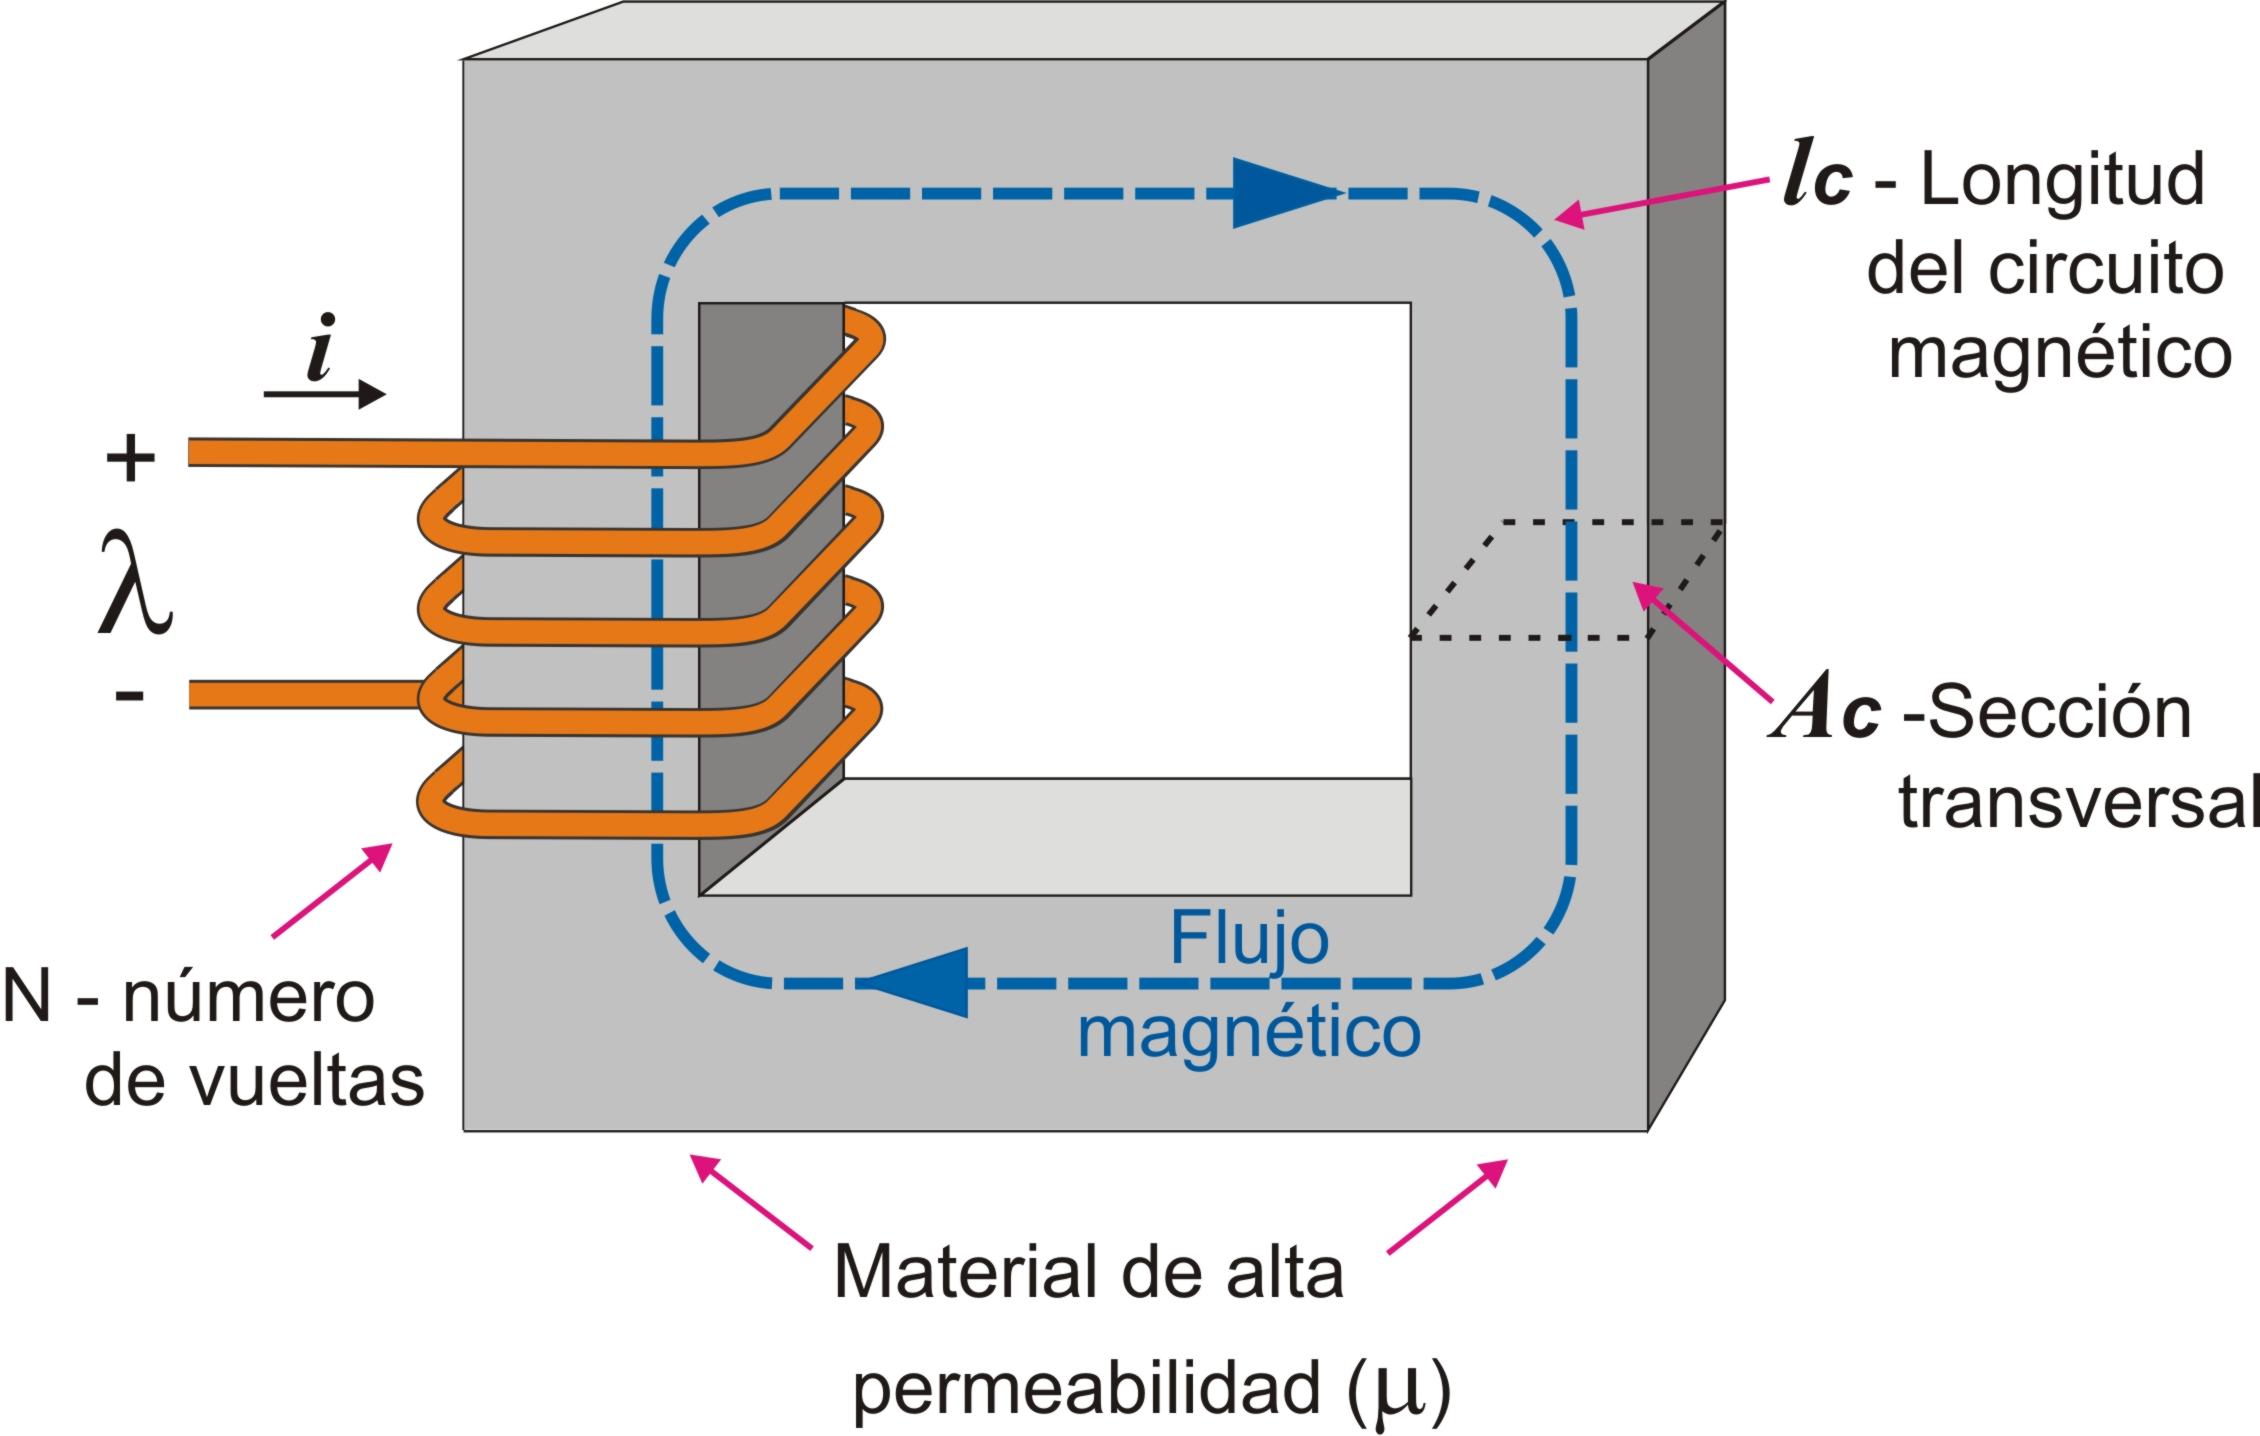 Circuito Lc : File circuito magnetico simple detalle g wikimedia commons